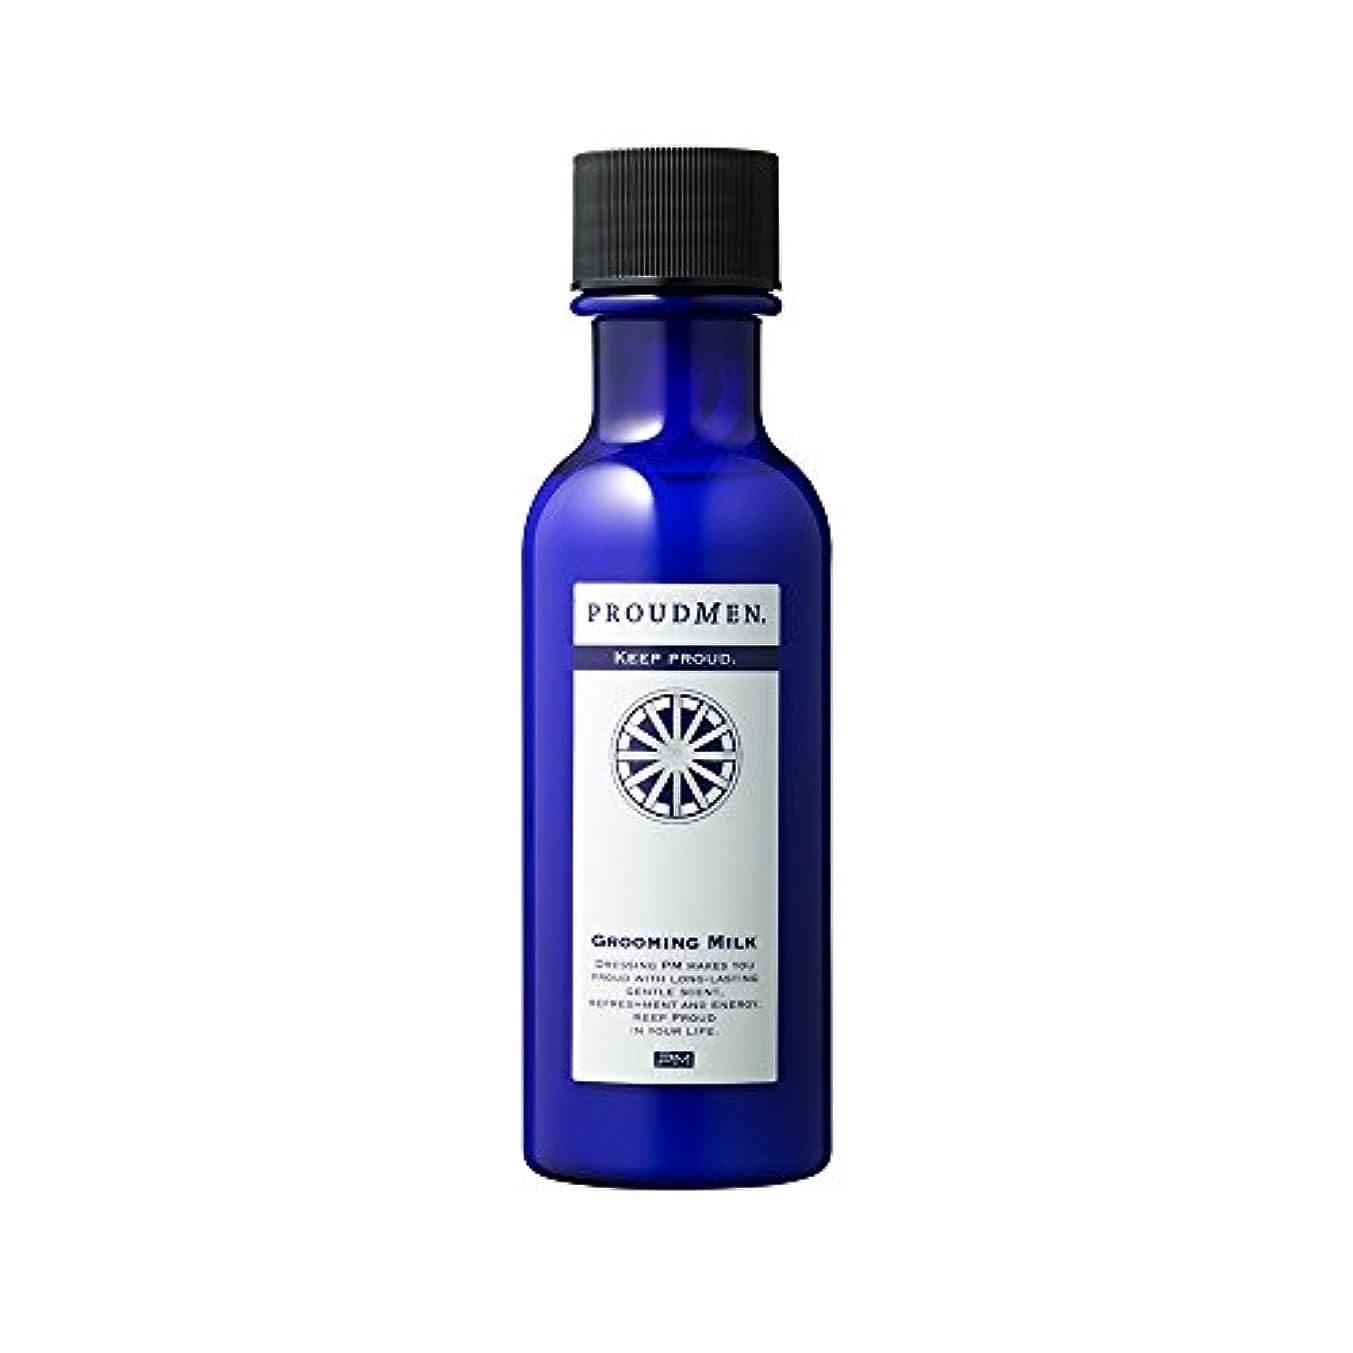 部分文明化する流産プラウドメン グルーミングミルク 100ml 化粧水 メンズ アフターシェーブ